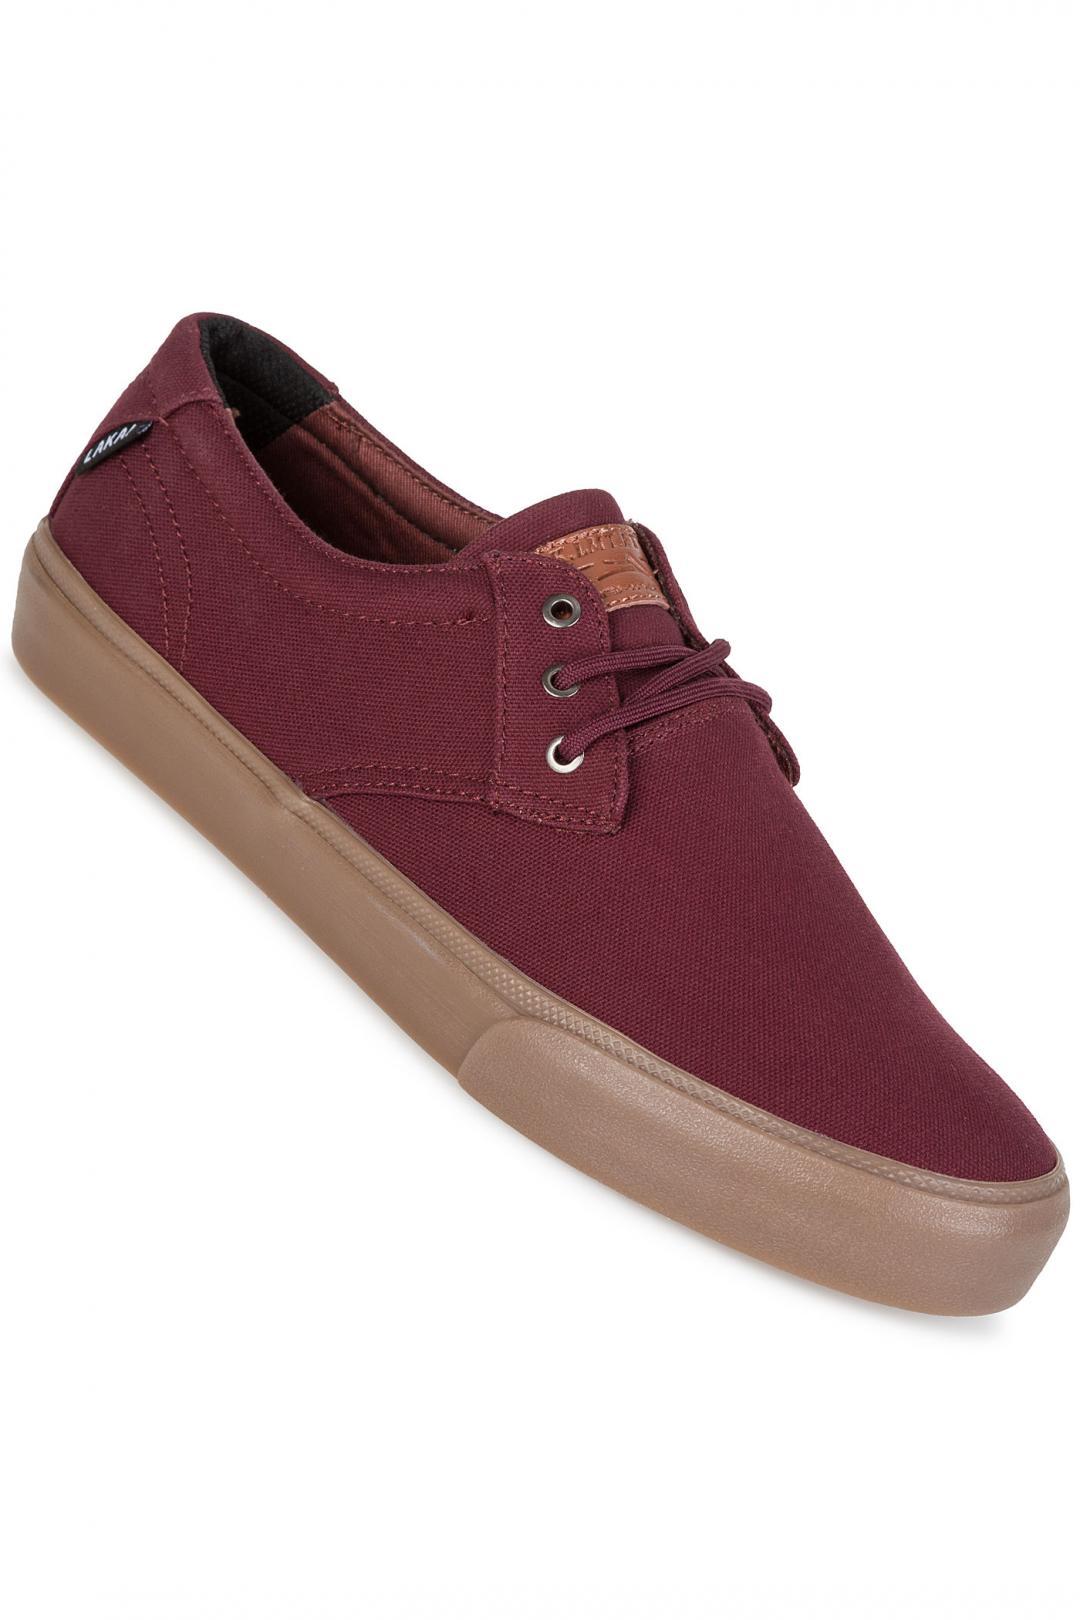 Uomo Lakai Daly Canvas mahogany | Sneakers low top